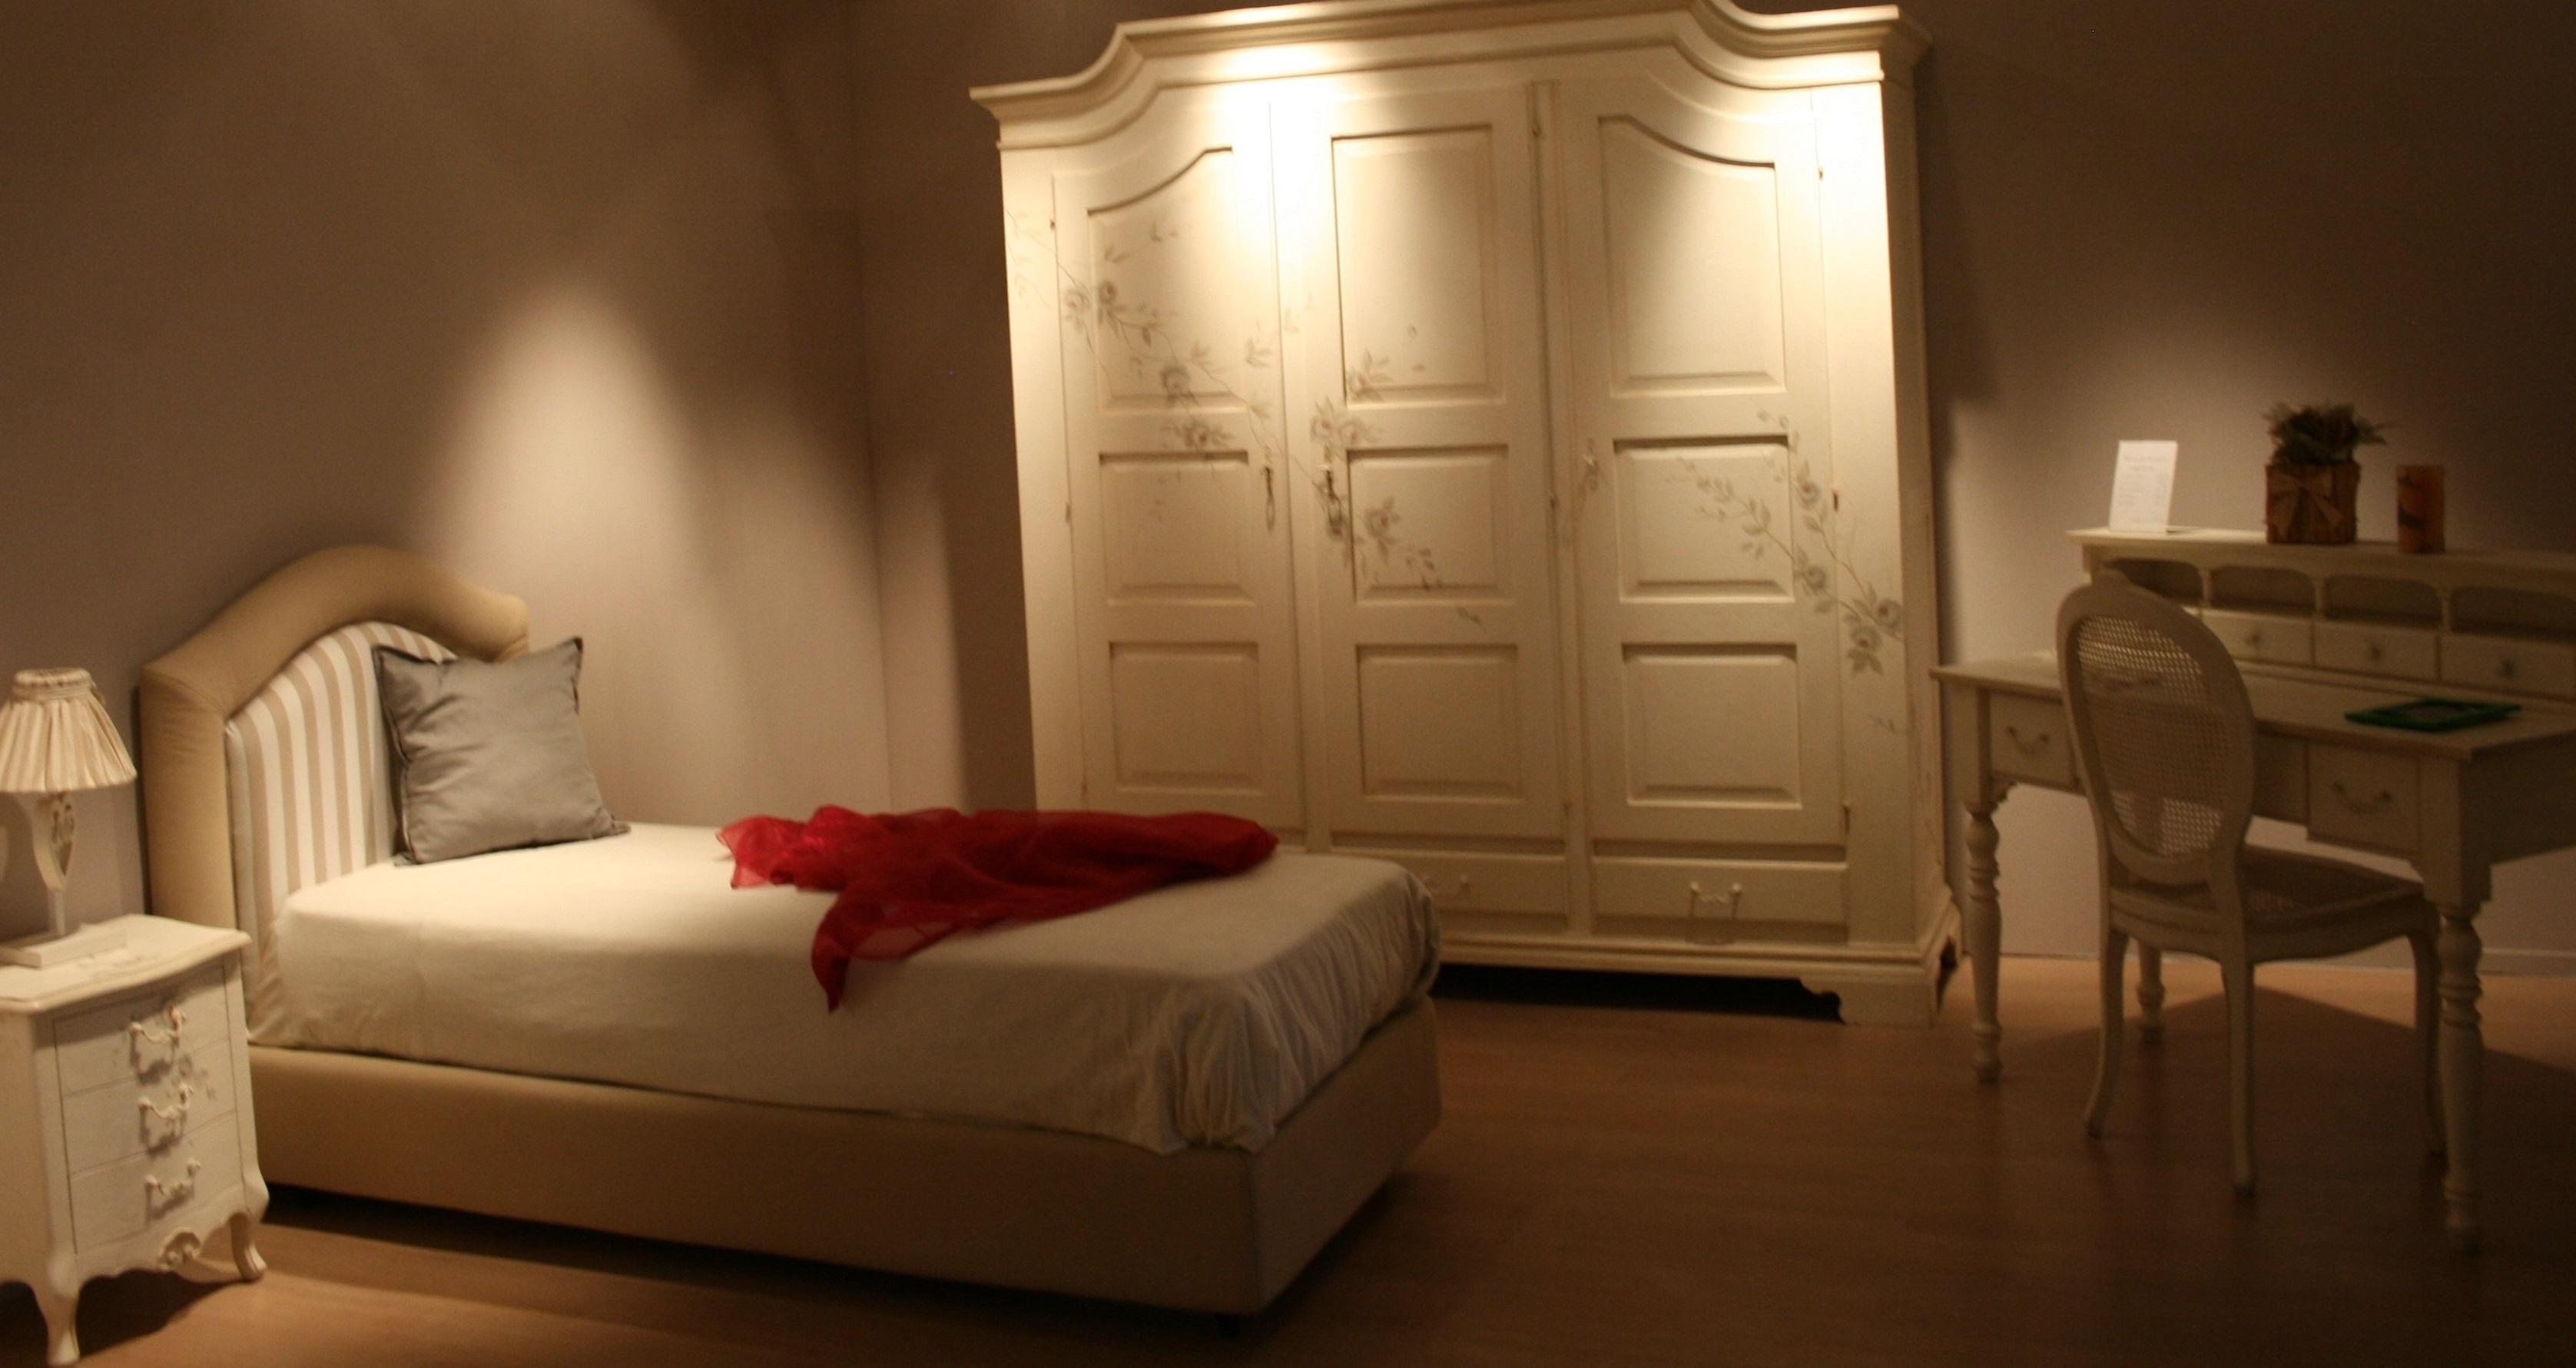 Cameretta in legno color bianco shabby classica for Camerette ragazzi 3 letti